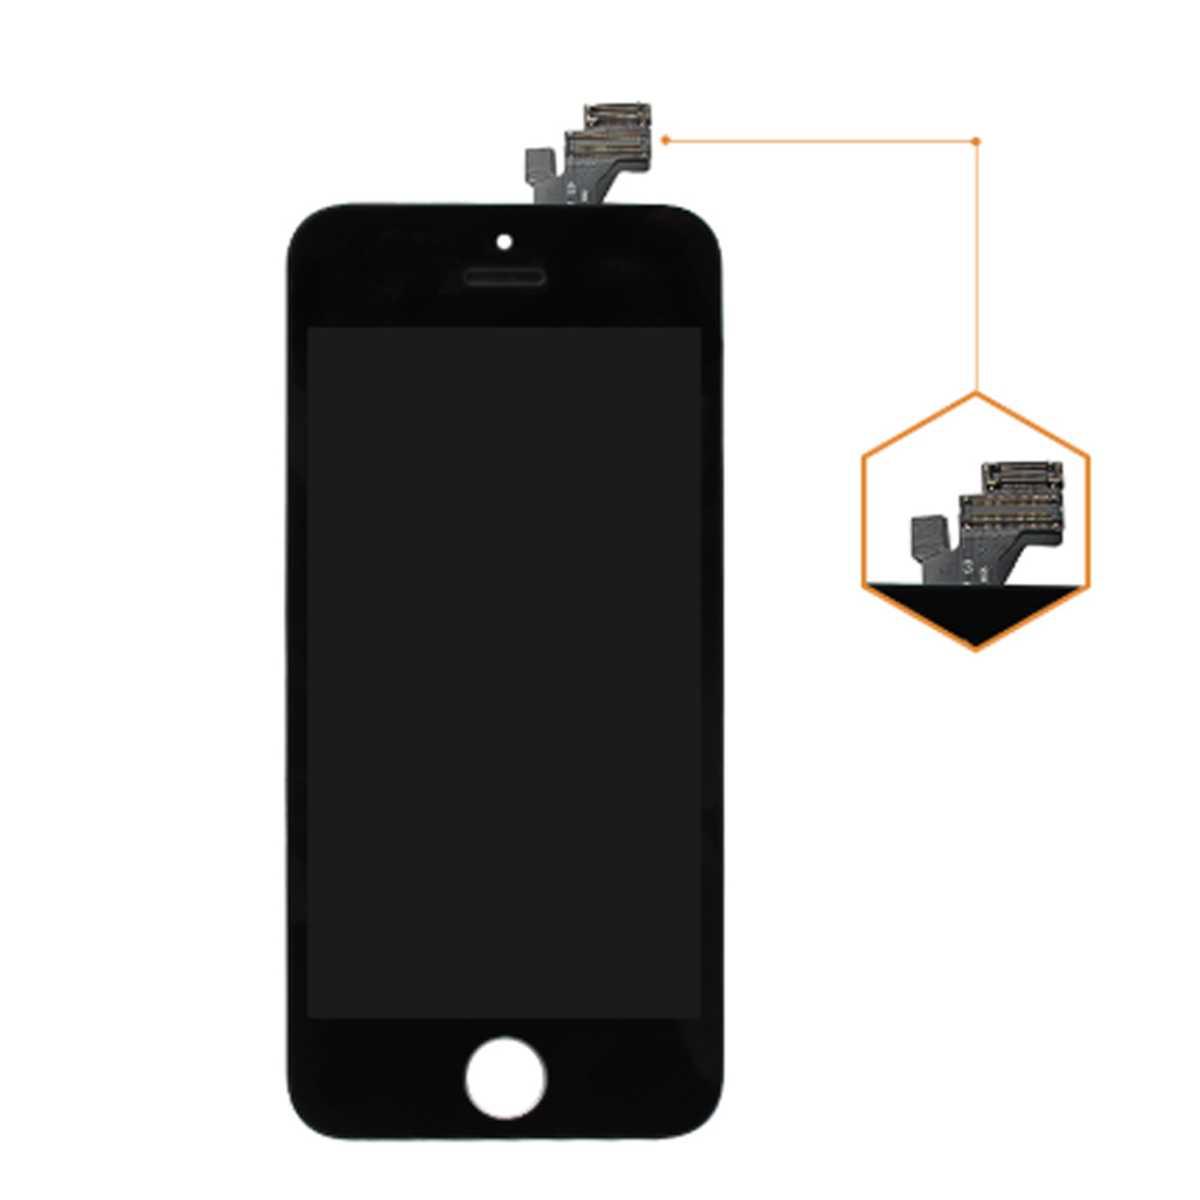 standard display einheit schwarz komplett f r iphone 5. Black Bedroom Furniture Sets. Home Design Ideas